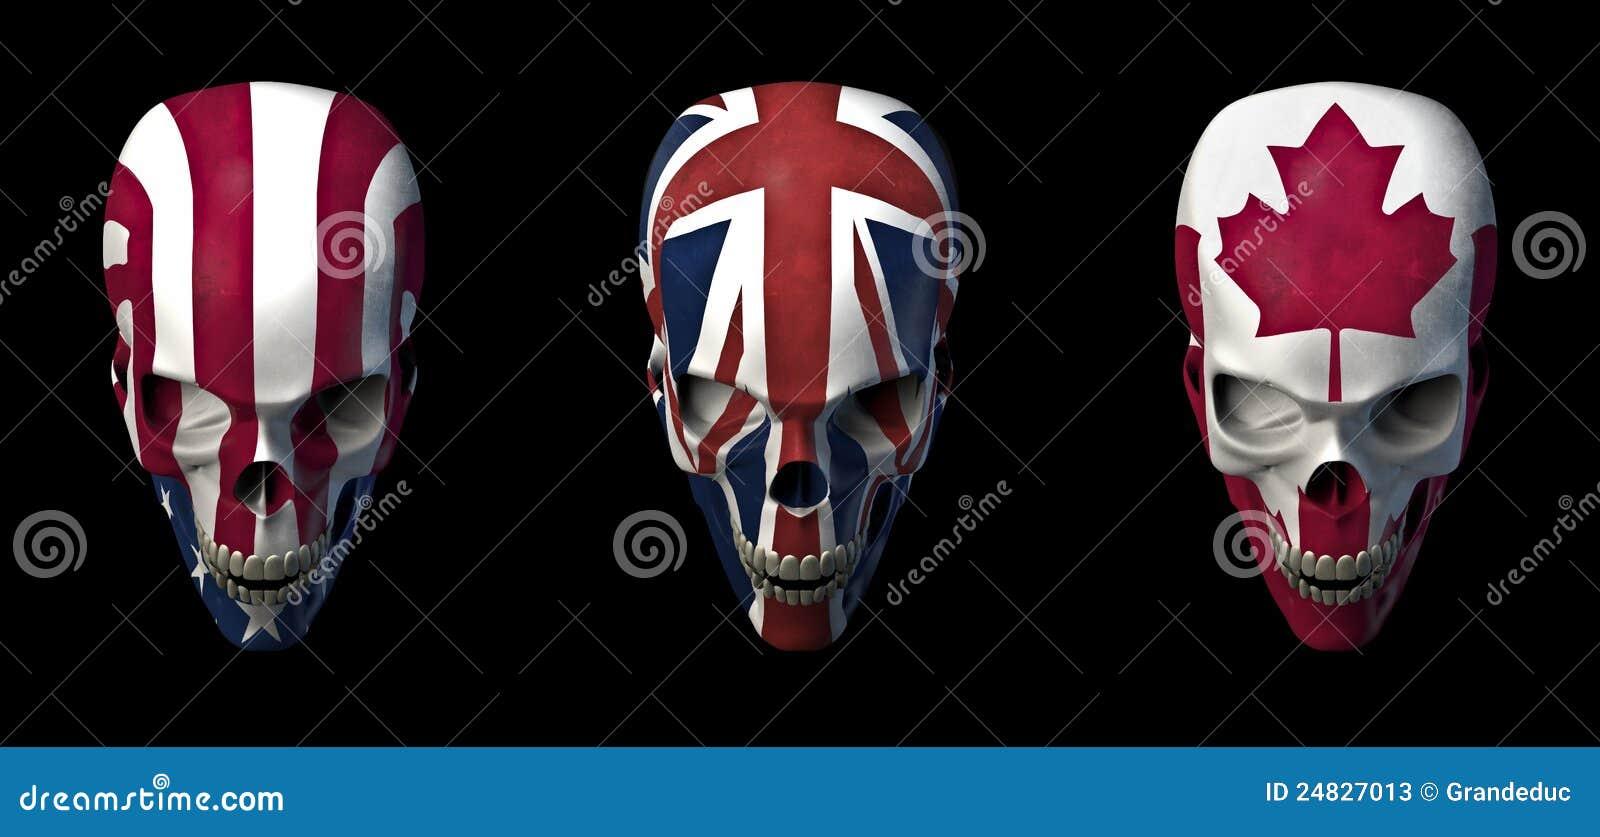 Canadian skull stock illustrations 19 canadian skull stock illustrations vectors clipart dreamstime